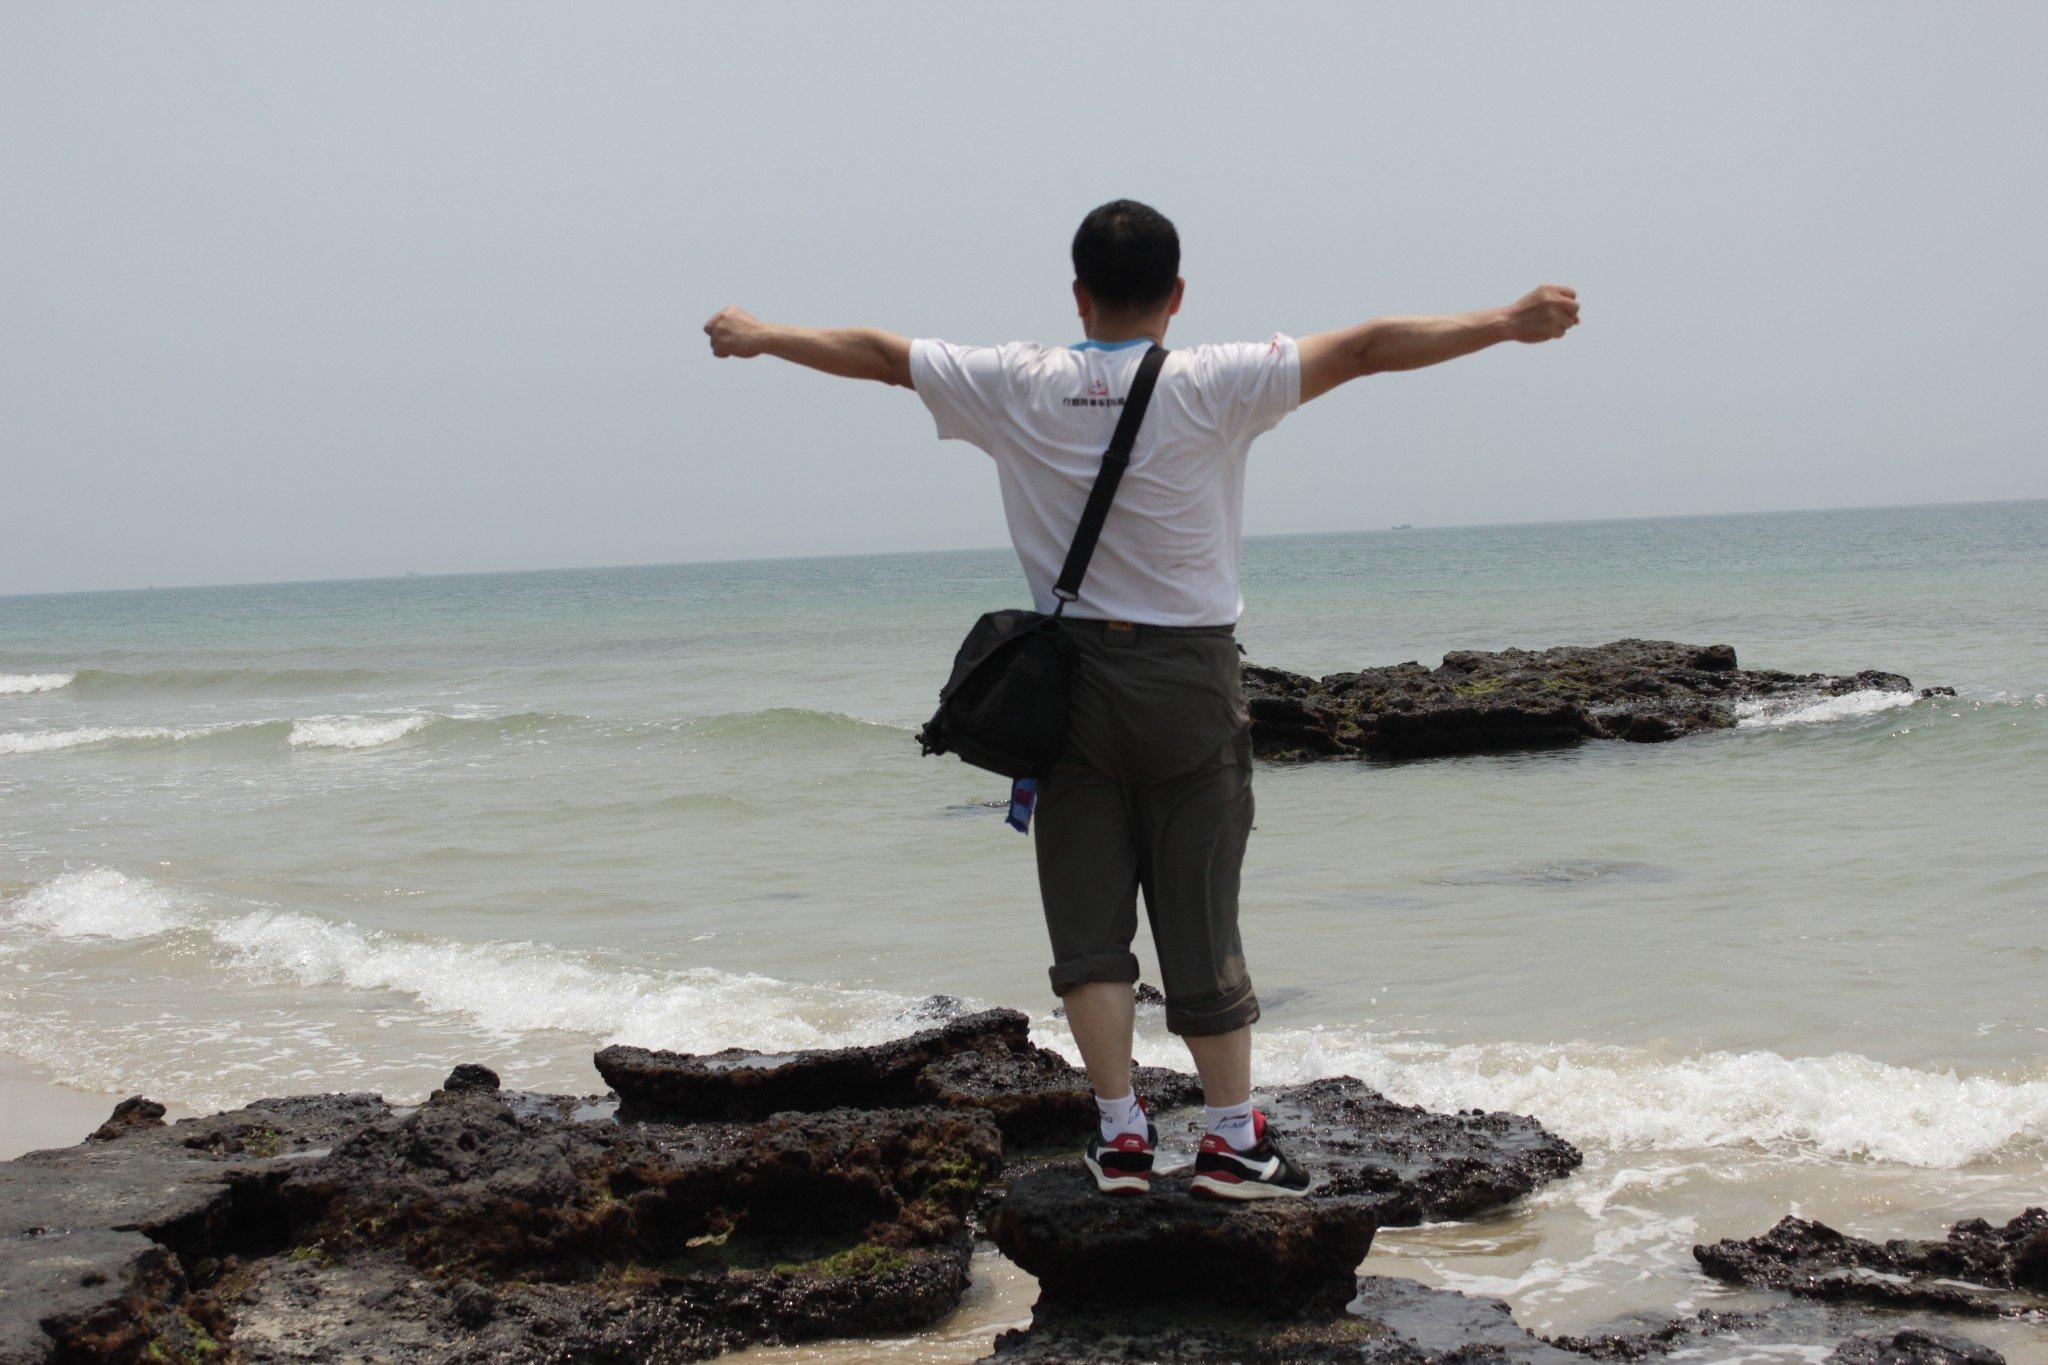 回故乡之路--广西行之涠洲岛